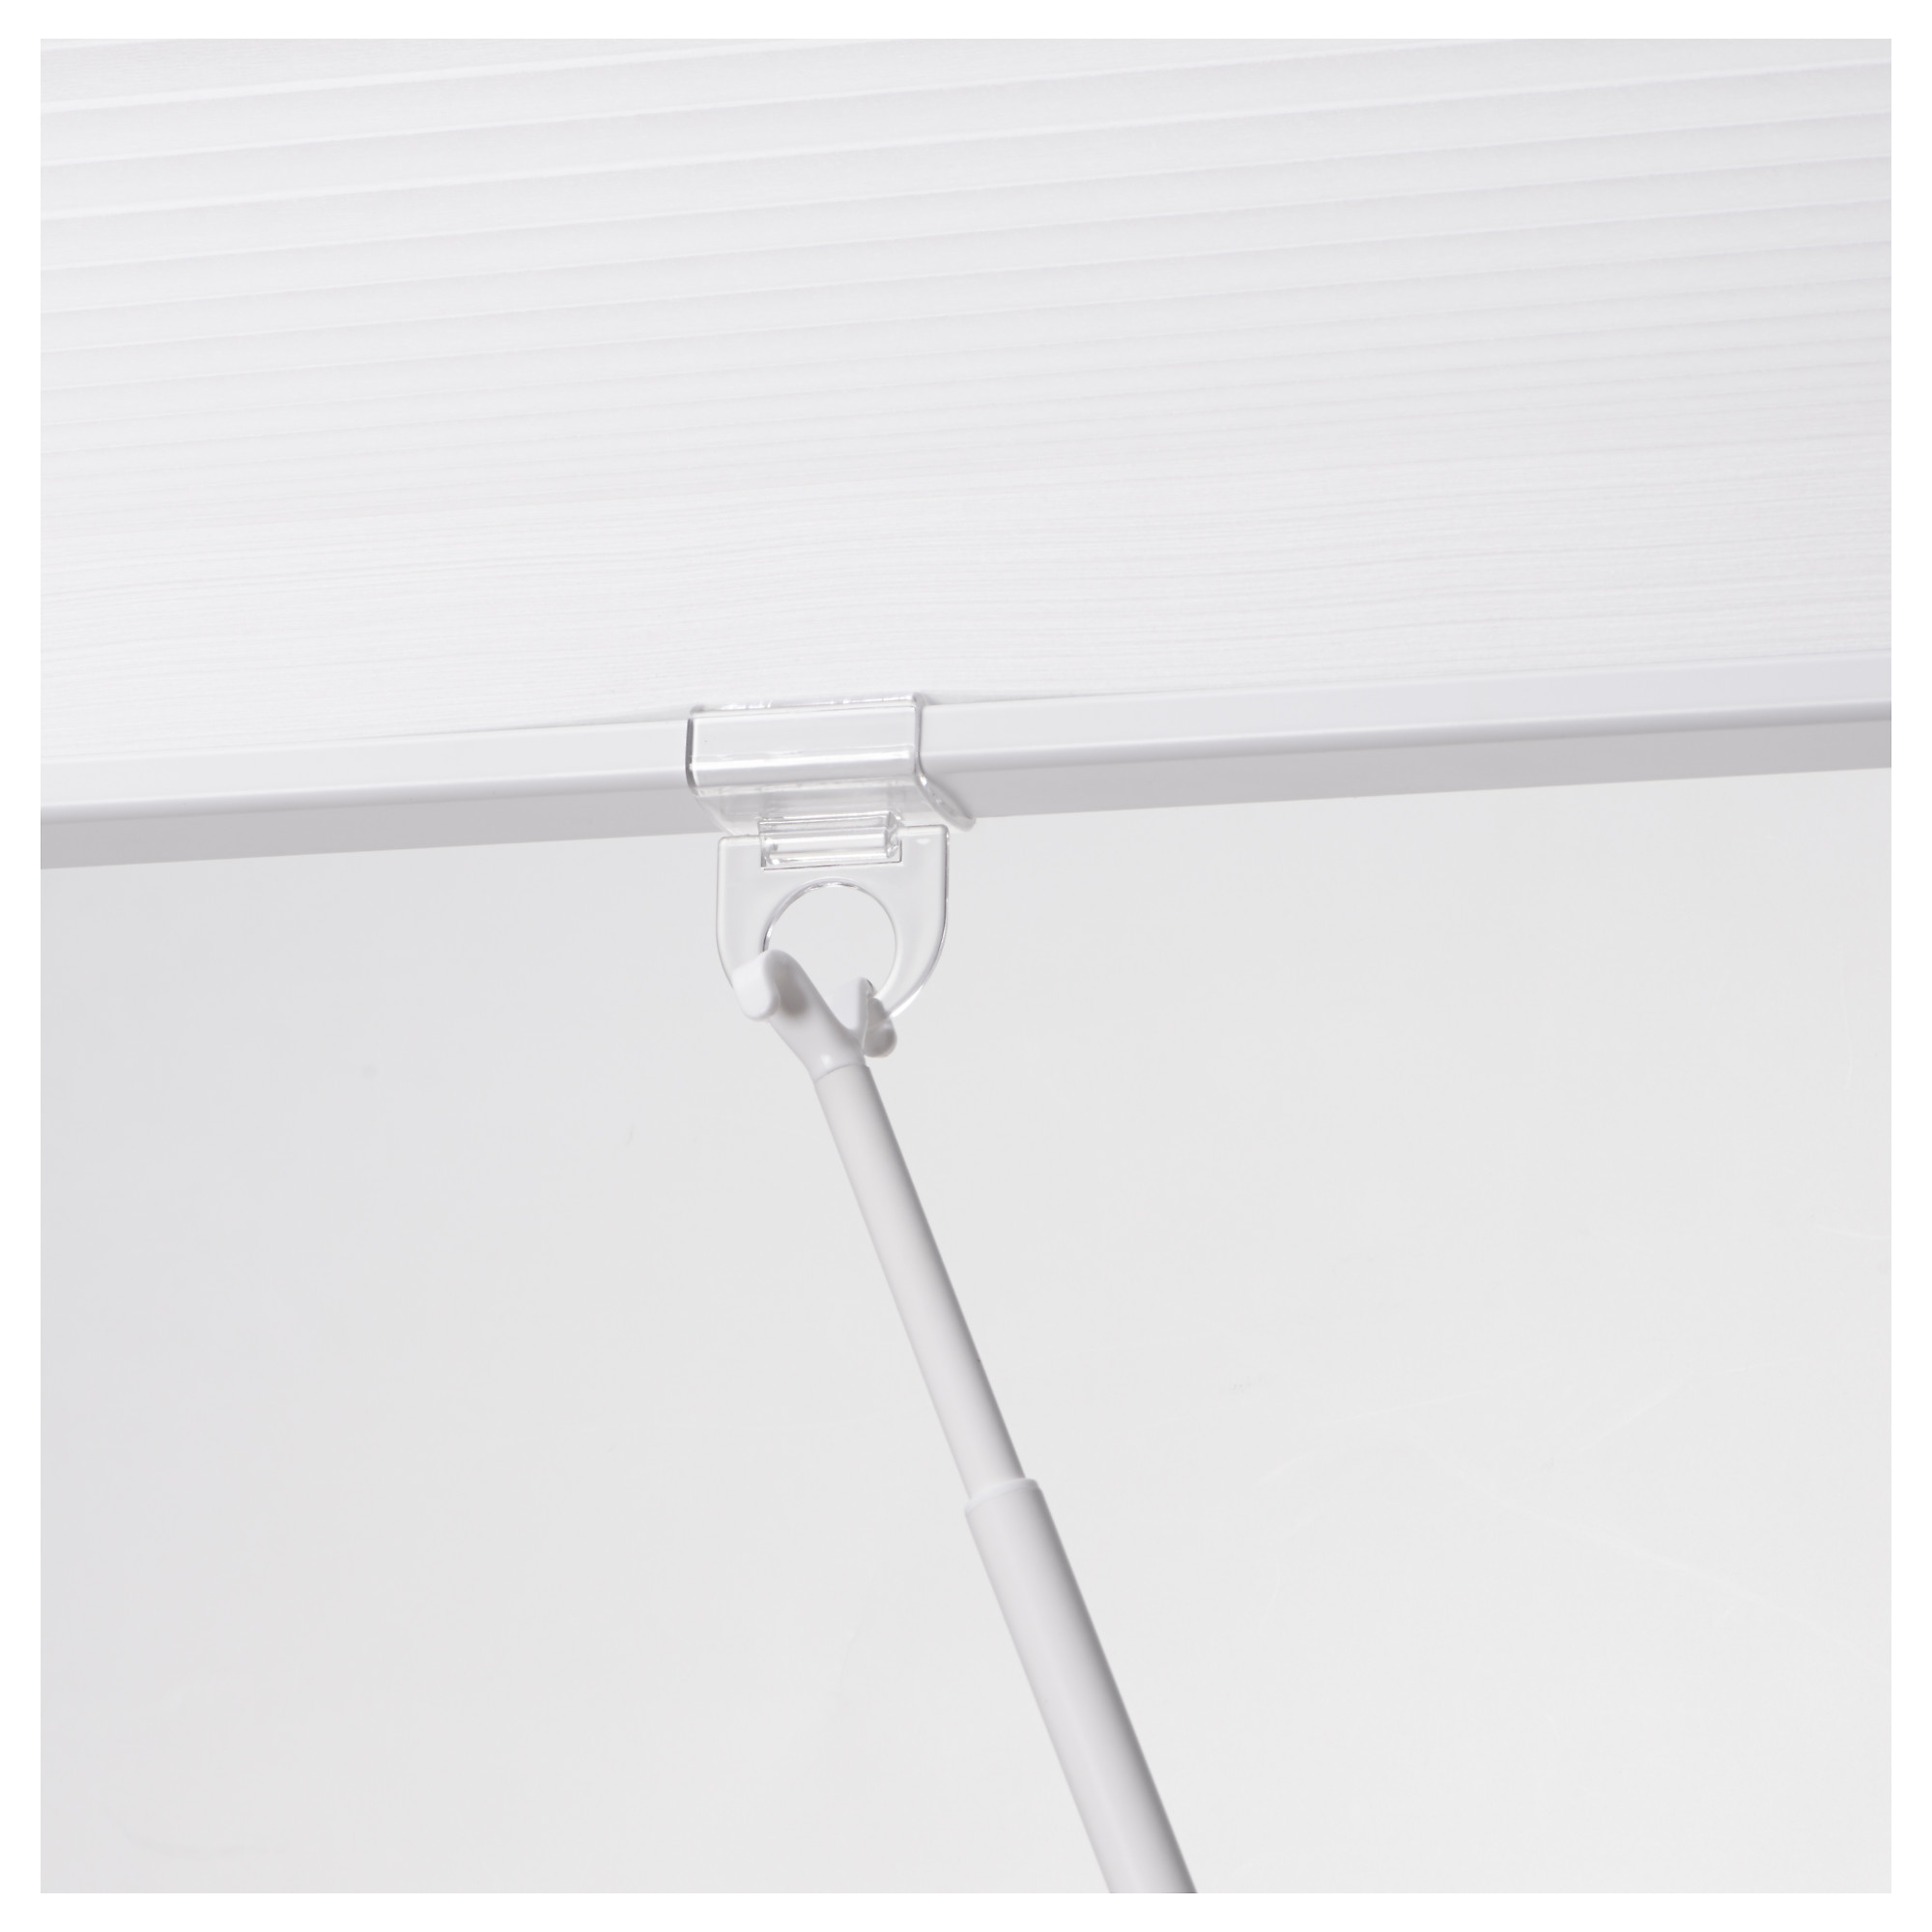 正品瑞克迪卷帘拉杆卷帘窗帘升降神器家用拉杆钩可伸长窗帘卷帘钩